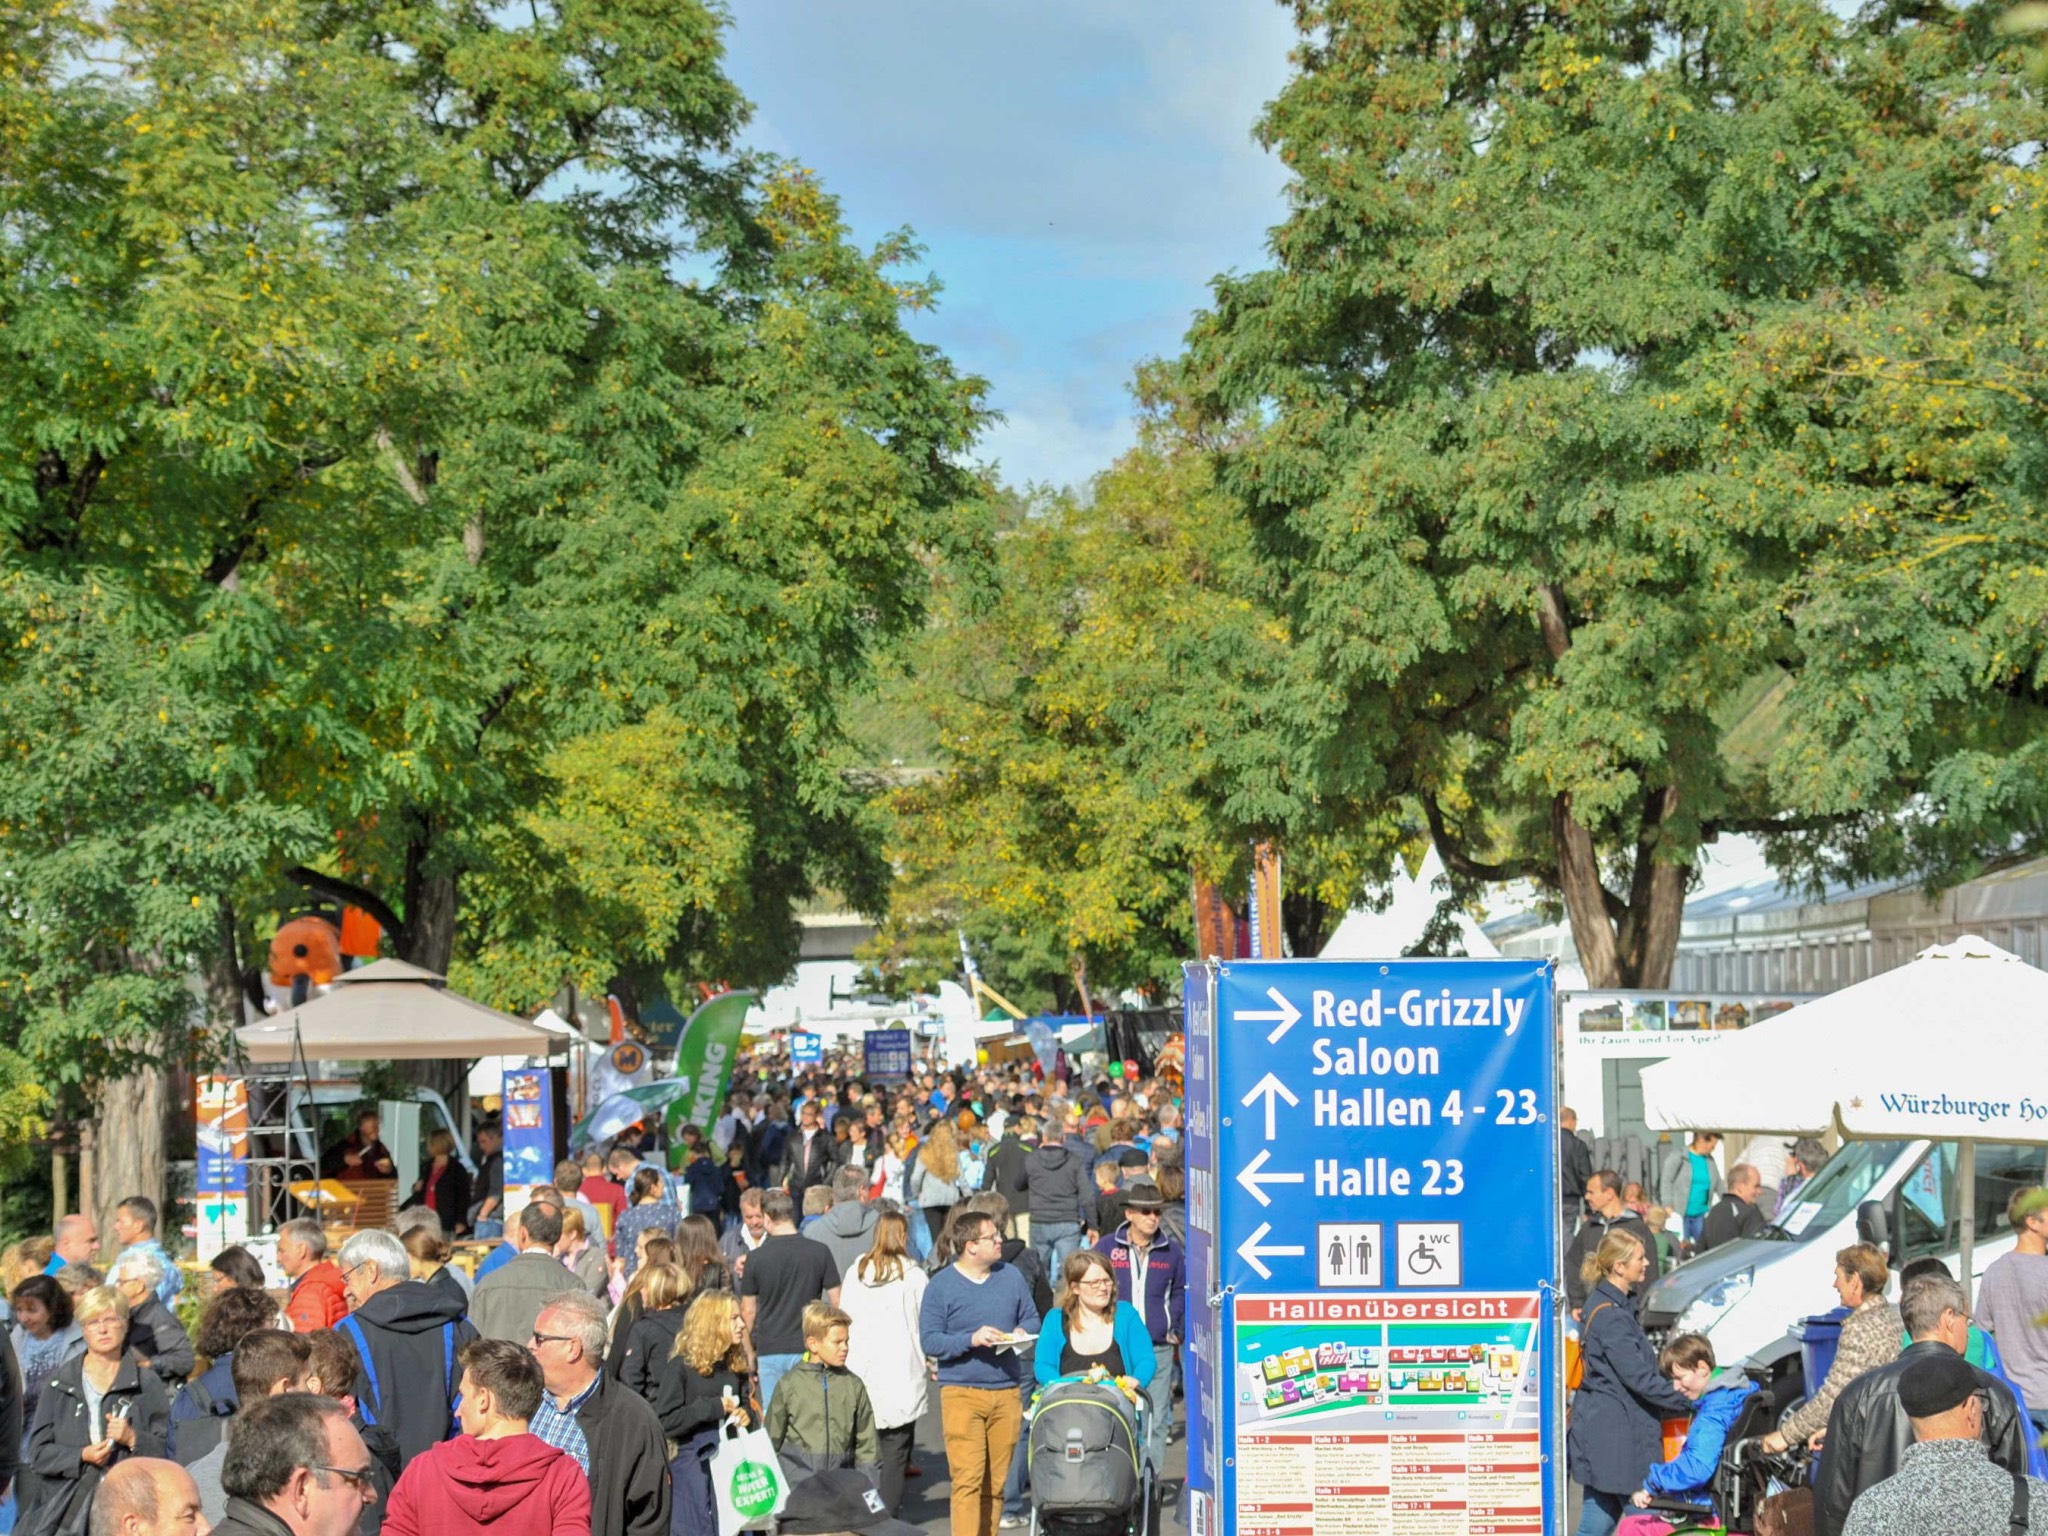 23 Messehallen und rund 650 Aussteller: Die Würzburger Mainfranken-Messe. Foto: Mainfranken-Messe